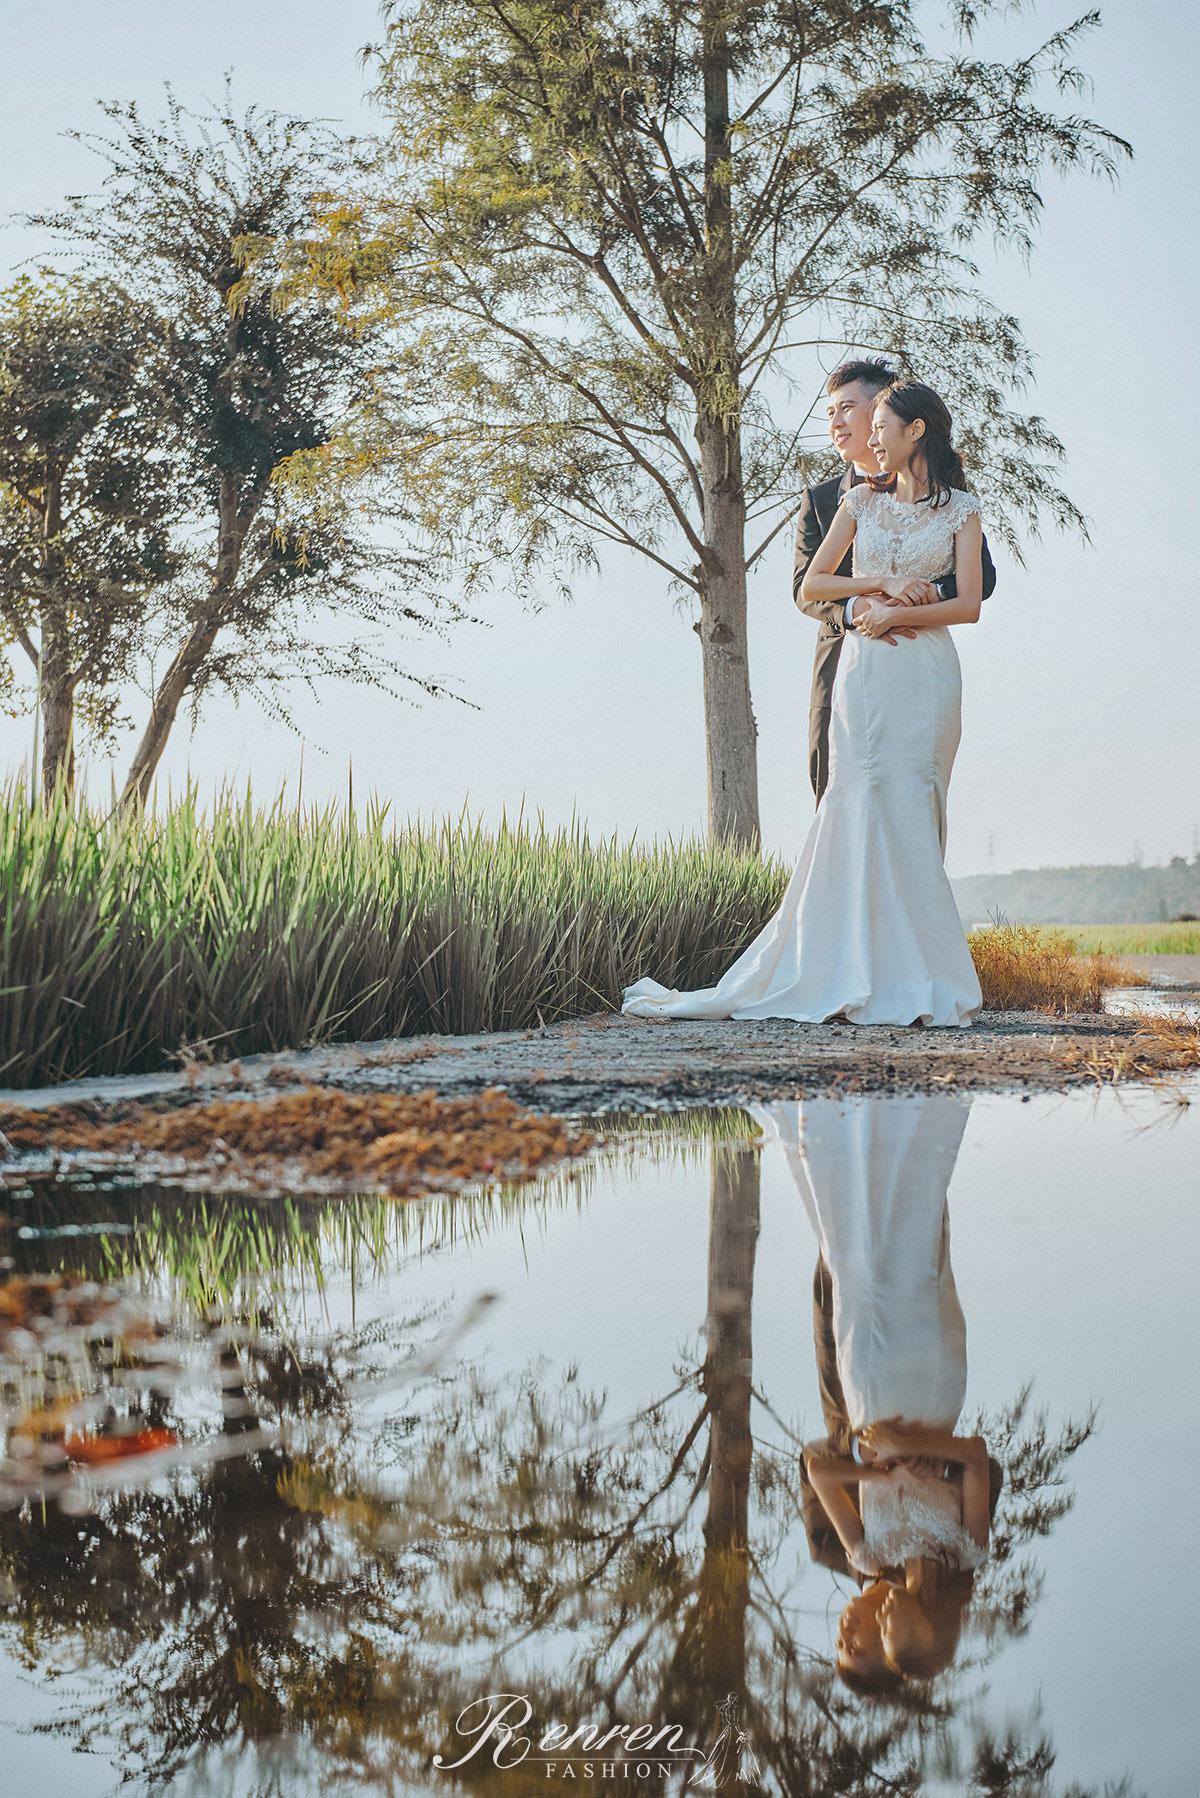 台中-婚紗-冉冉-慕朵影像-婚紗作品15